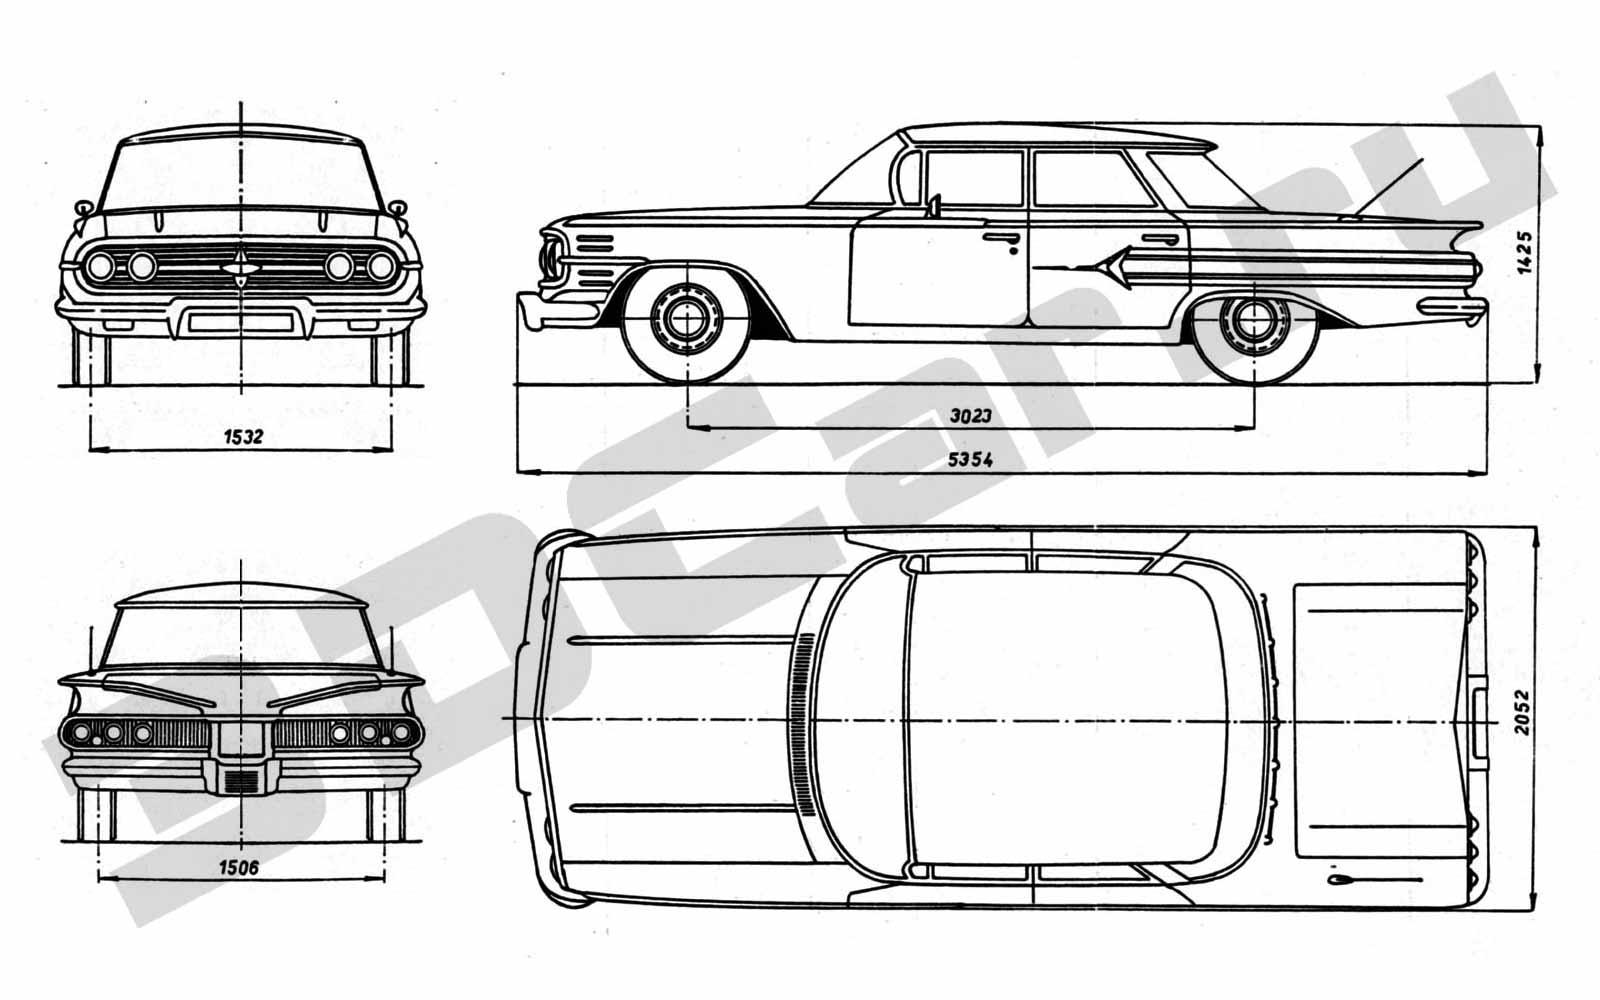 u0427 u0435 u0440 u0442 u0435 u0436 chevrolet impala  1961       3dcar ru